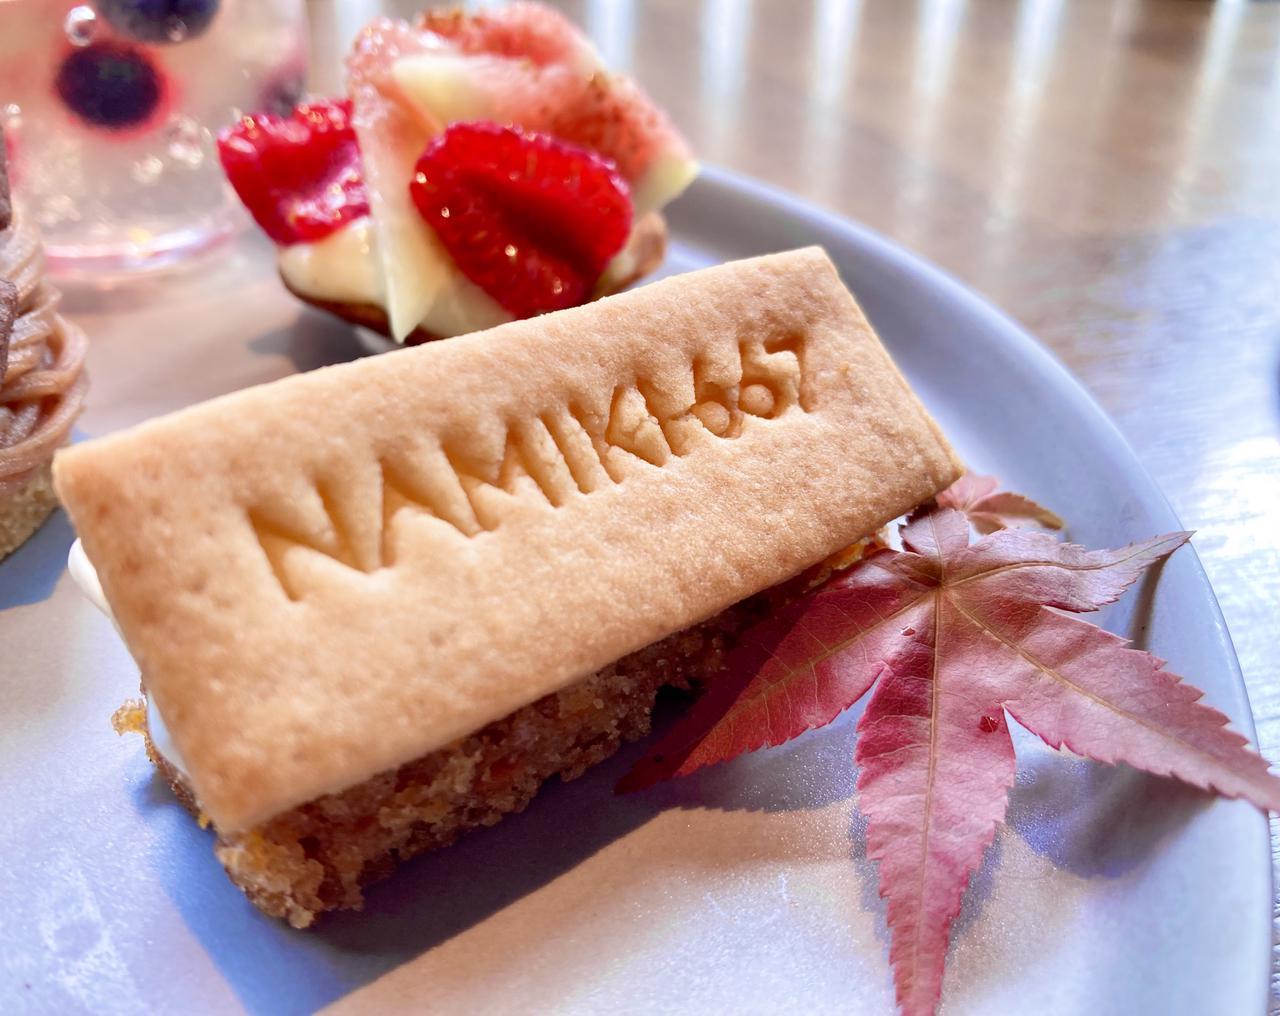 画像6: 美食の秋を堪能する6種のヴィーガンケーキたち